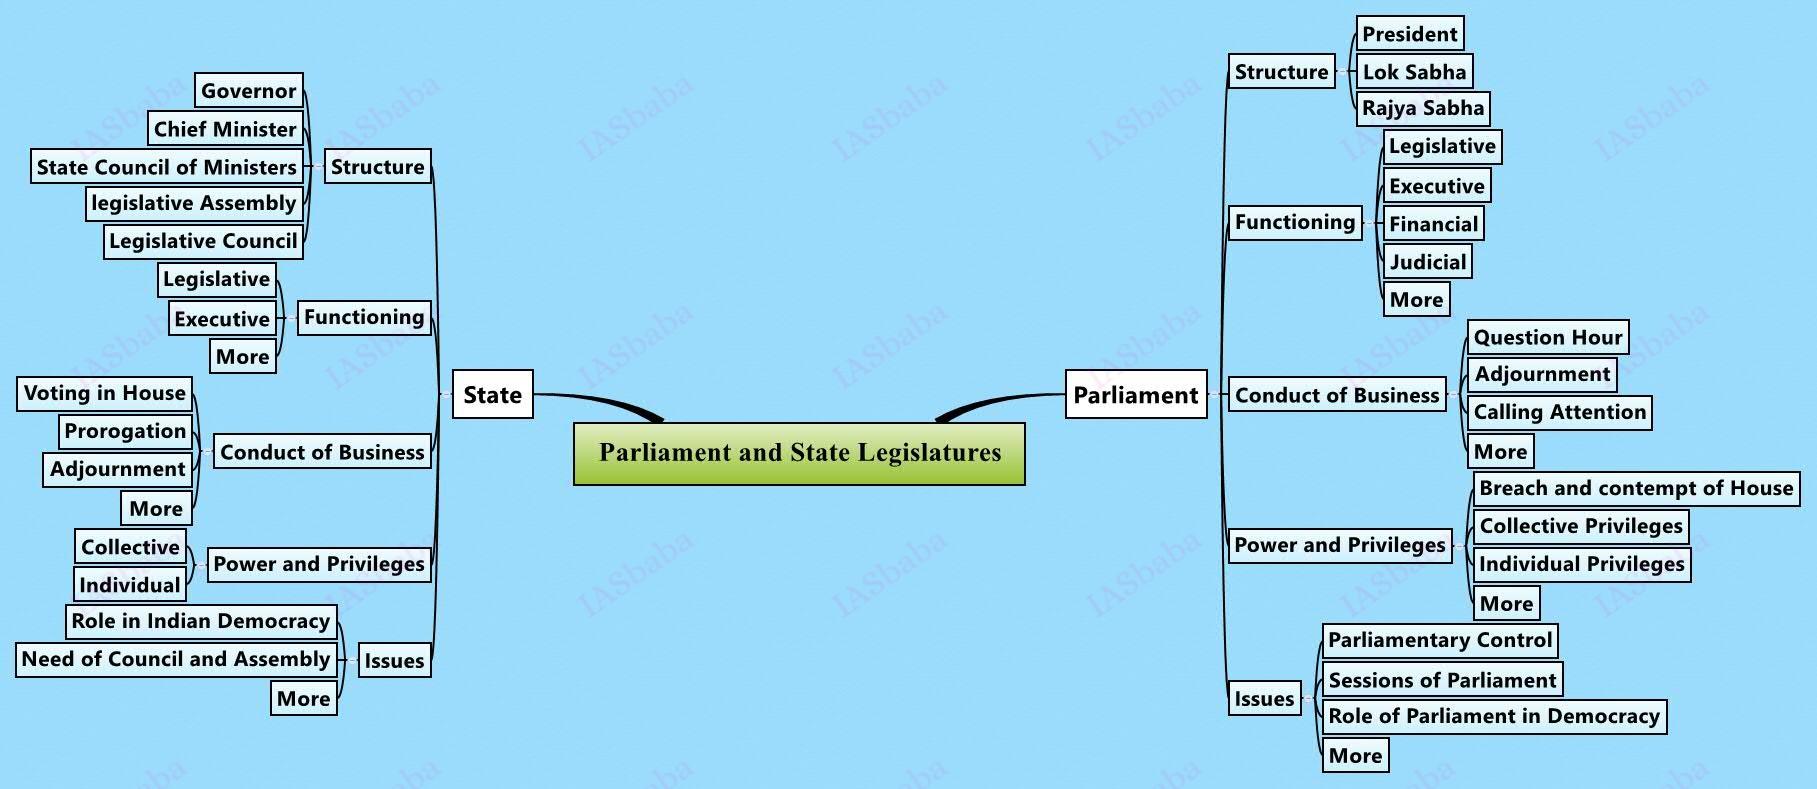 Parliament-and-State-Legislatures